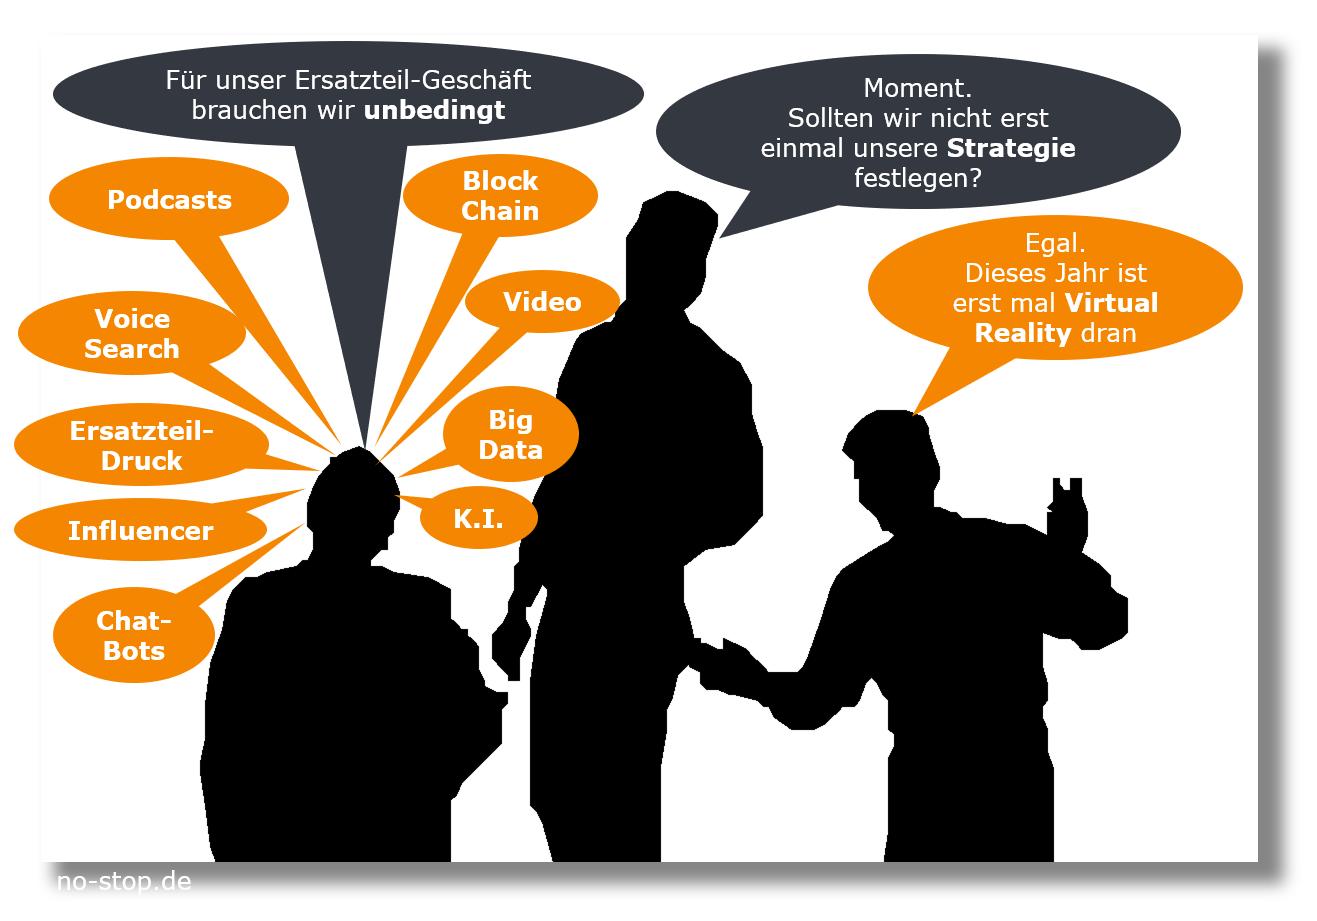 Digitalisierung im Ersatzteilwesen mit Unternehmensberatung no-stop.de